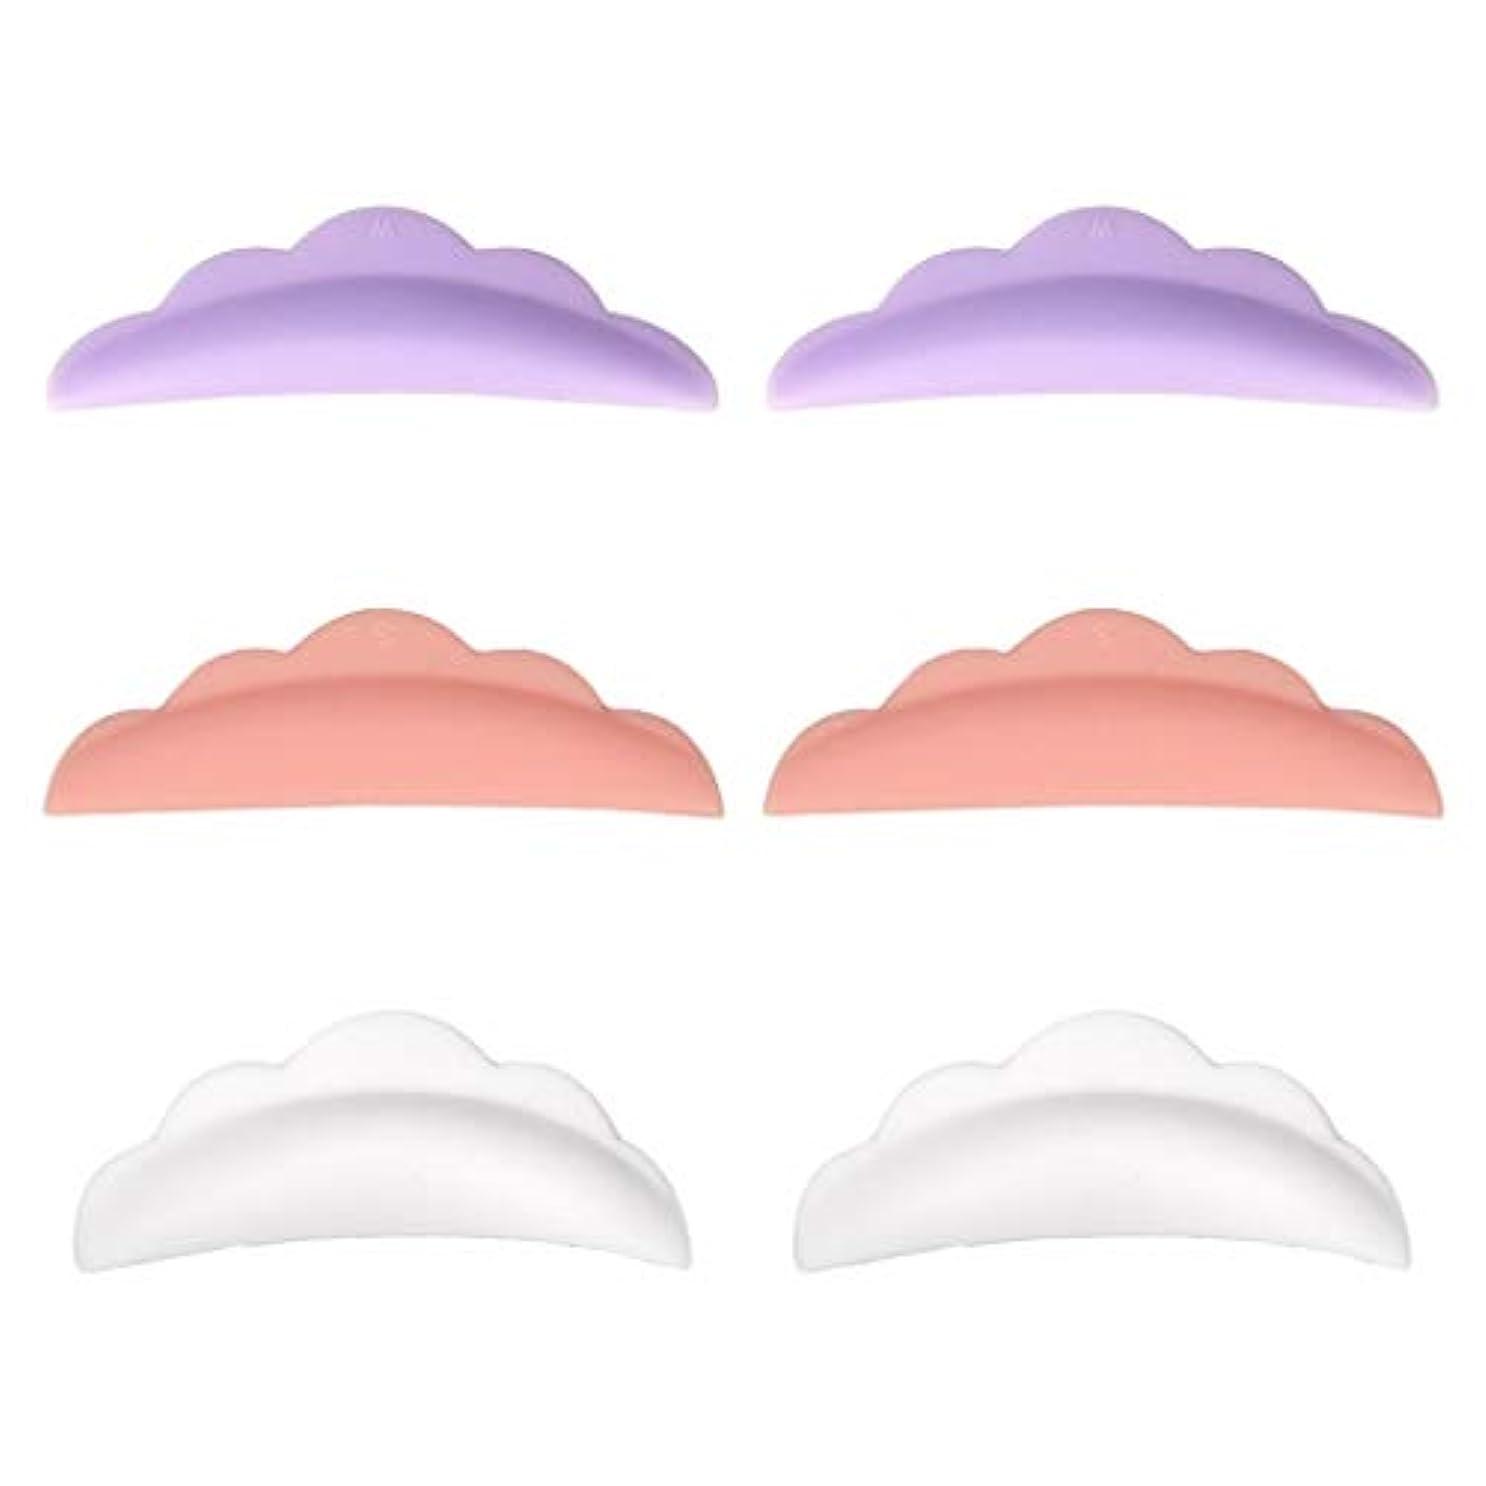 シンプトンアクセサリー医薬まつげカーリングパッド まつげパッド シリコーン やわらかい 再利用可能 使いやすい 3対セット